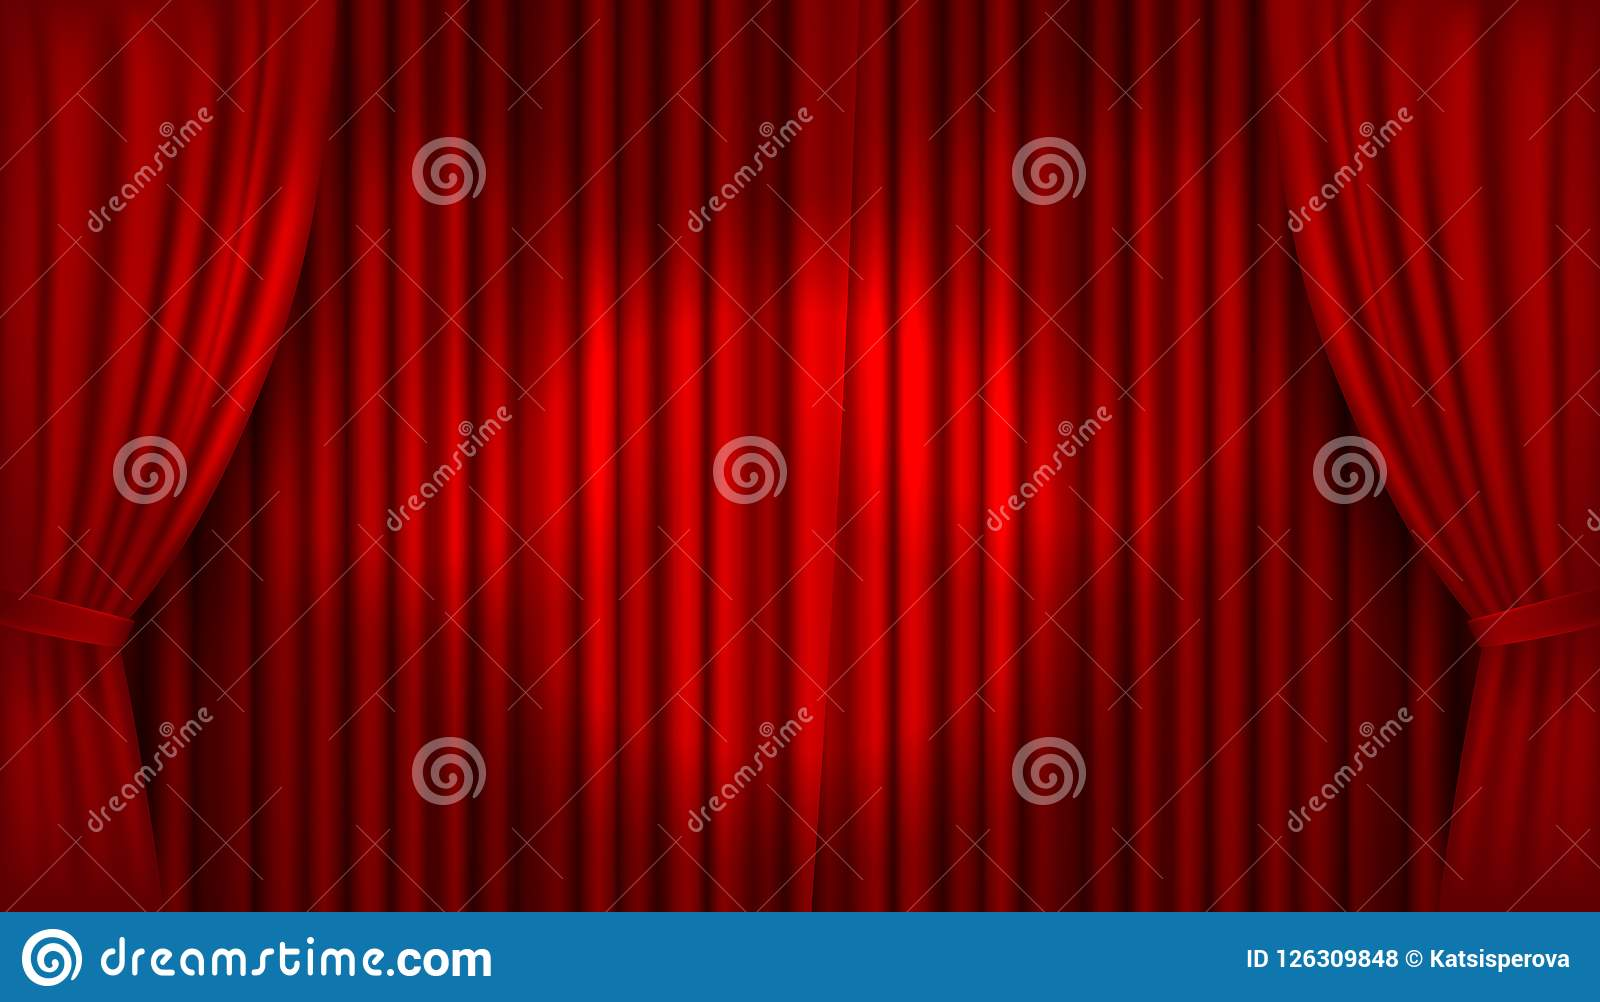 Vector realistisches belichtetes Stadium mit offenen roten Samtvorhängen